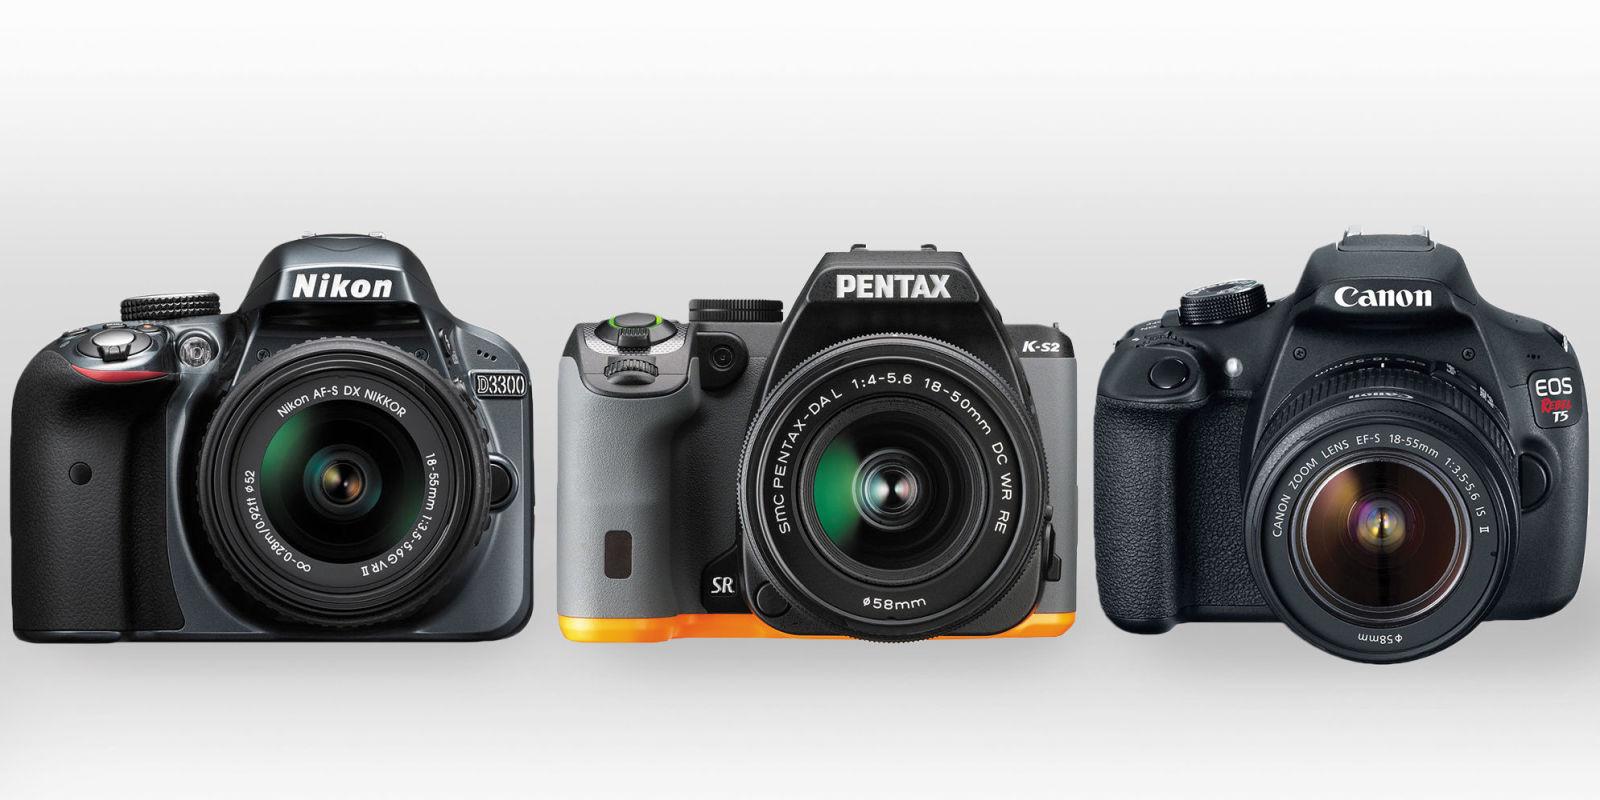 Camera Top 10 Affordable Dslr Cameras 10 best cheap dslr cameras 2017 digital slr under 1000